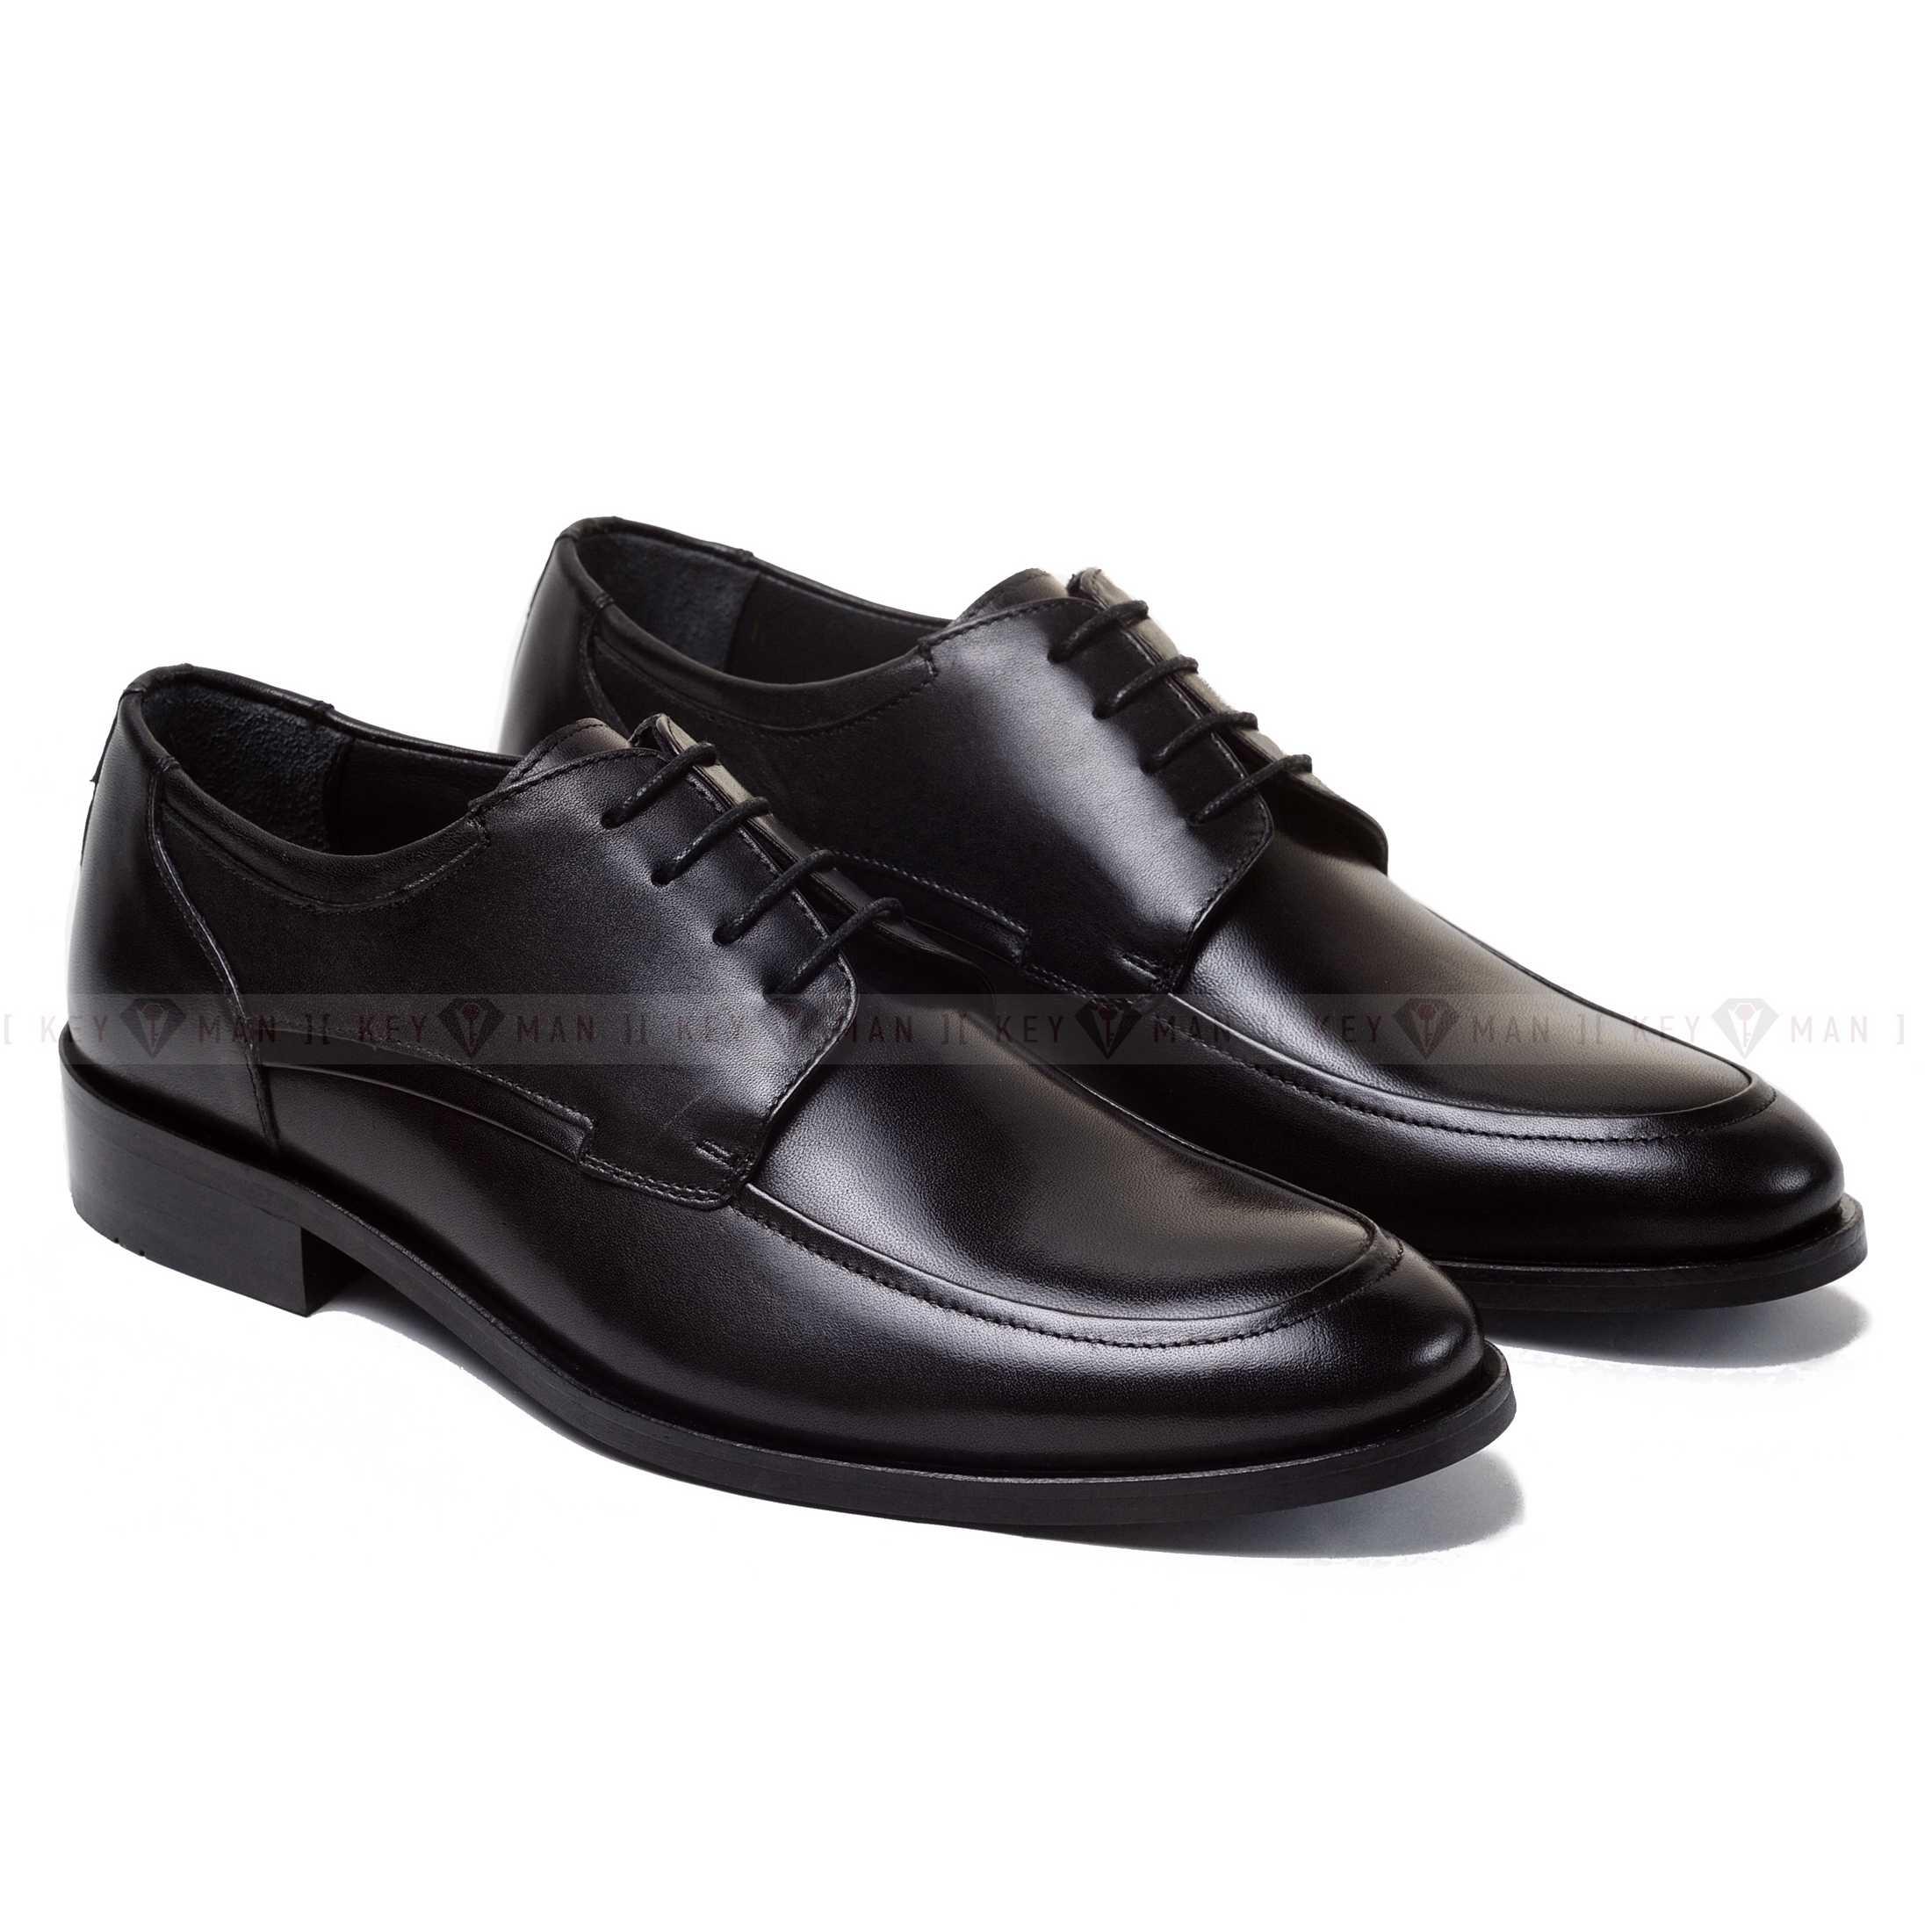 Туфли мужские дерби черные (Derby Moc Toe)